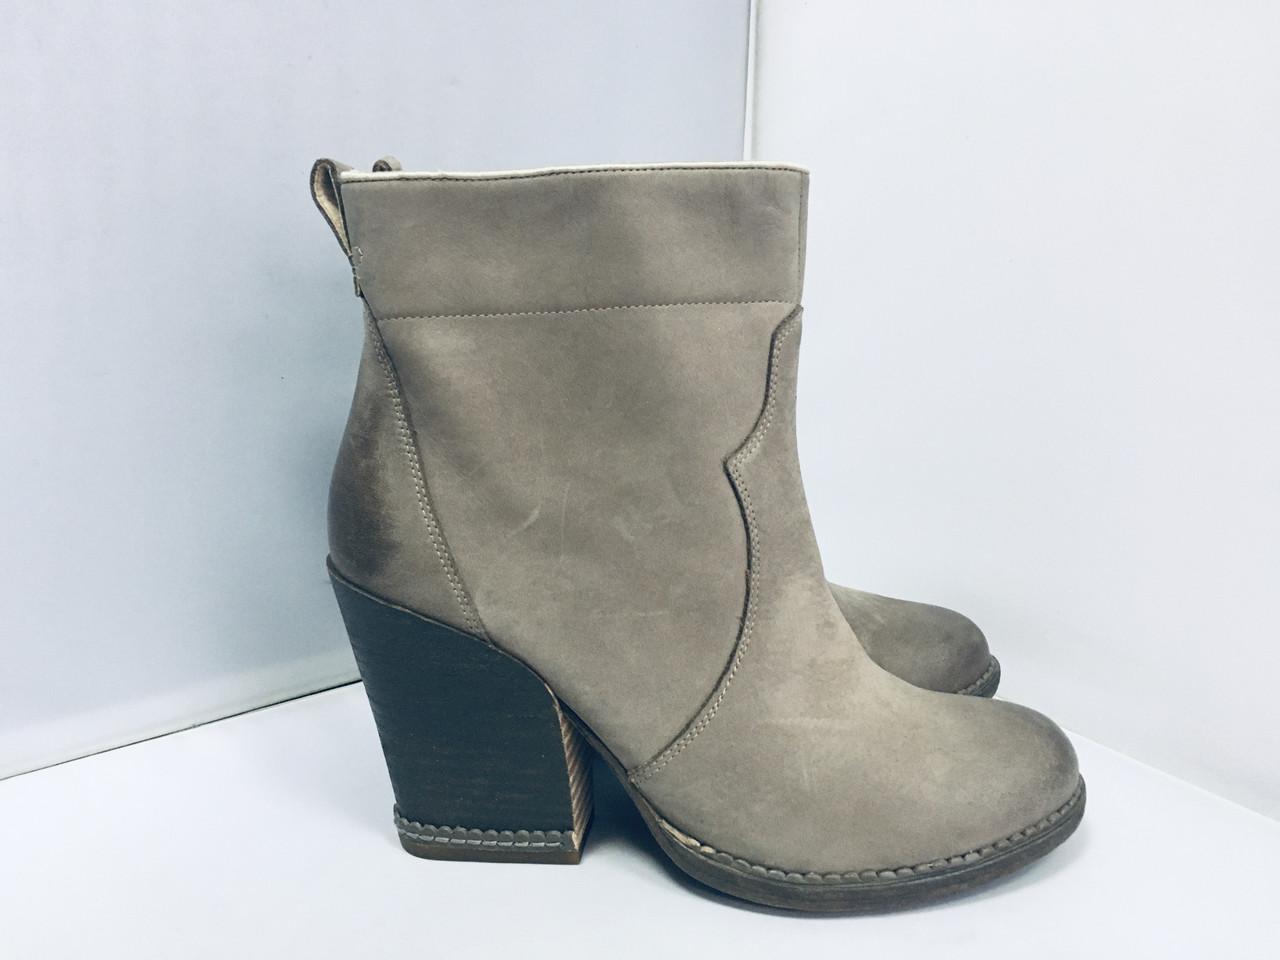 Женские ботинки Timberland, 38 размер